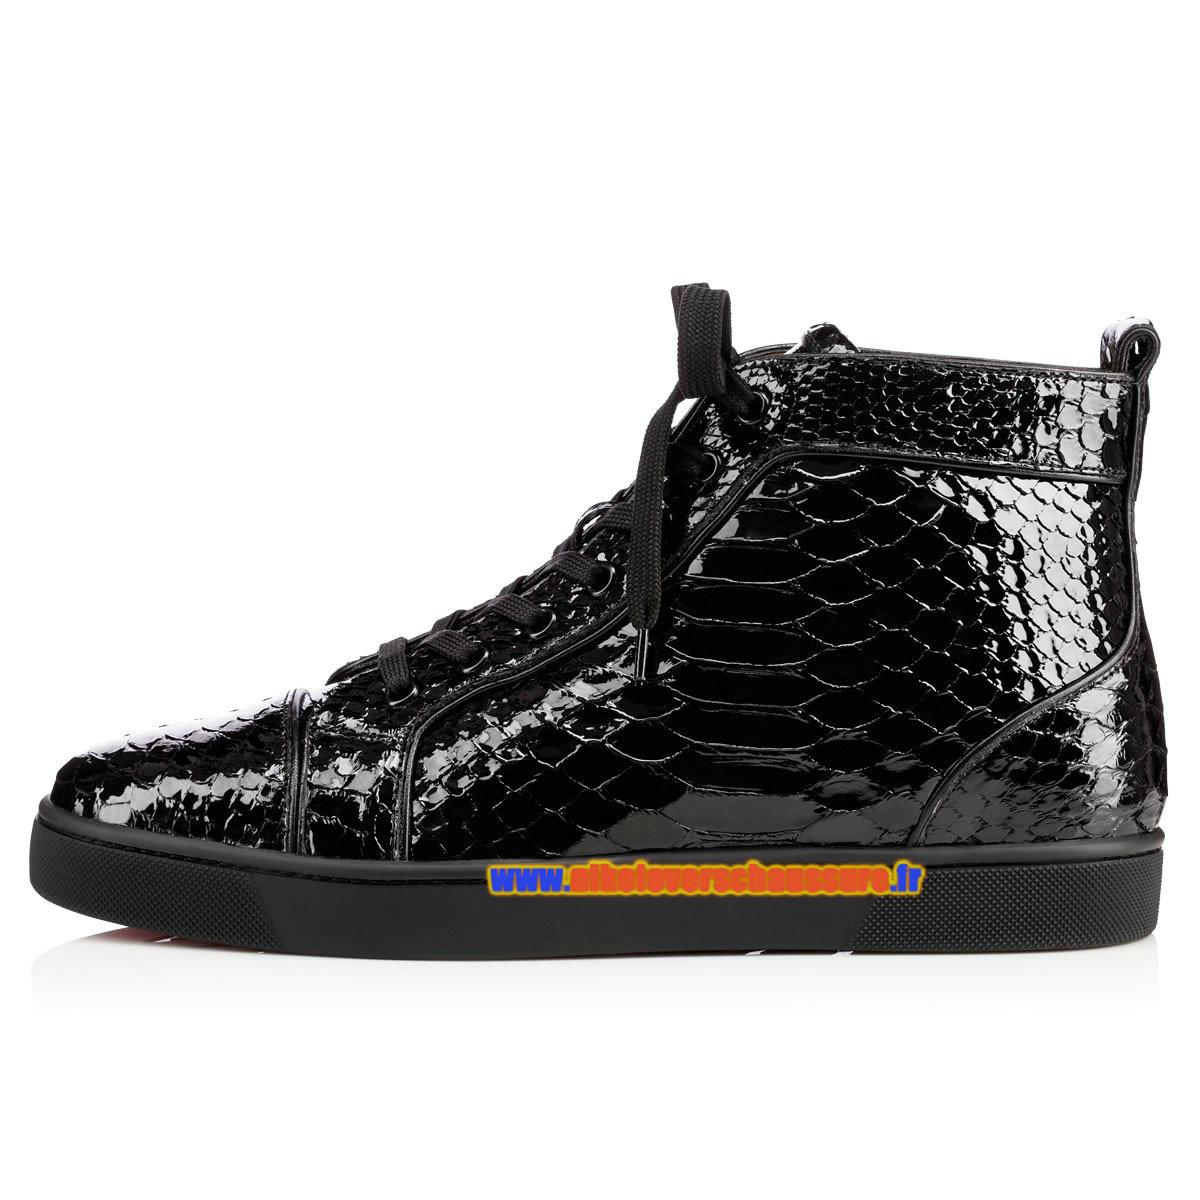 chaussures de sport 83bea 27242 Nike Officielle de magasin discount, France en ligne ...